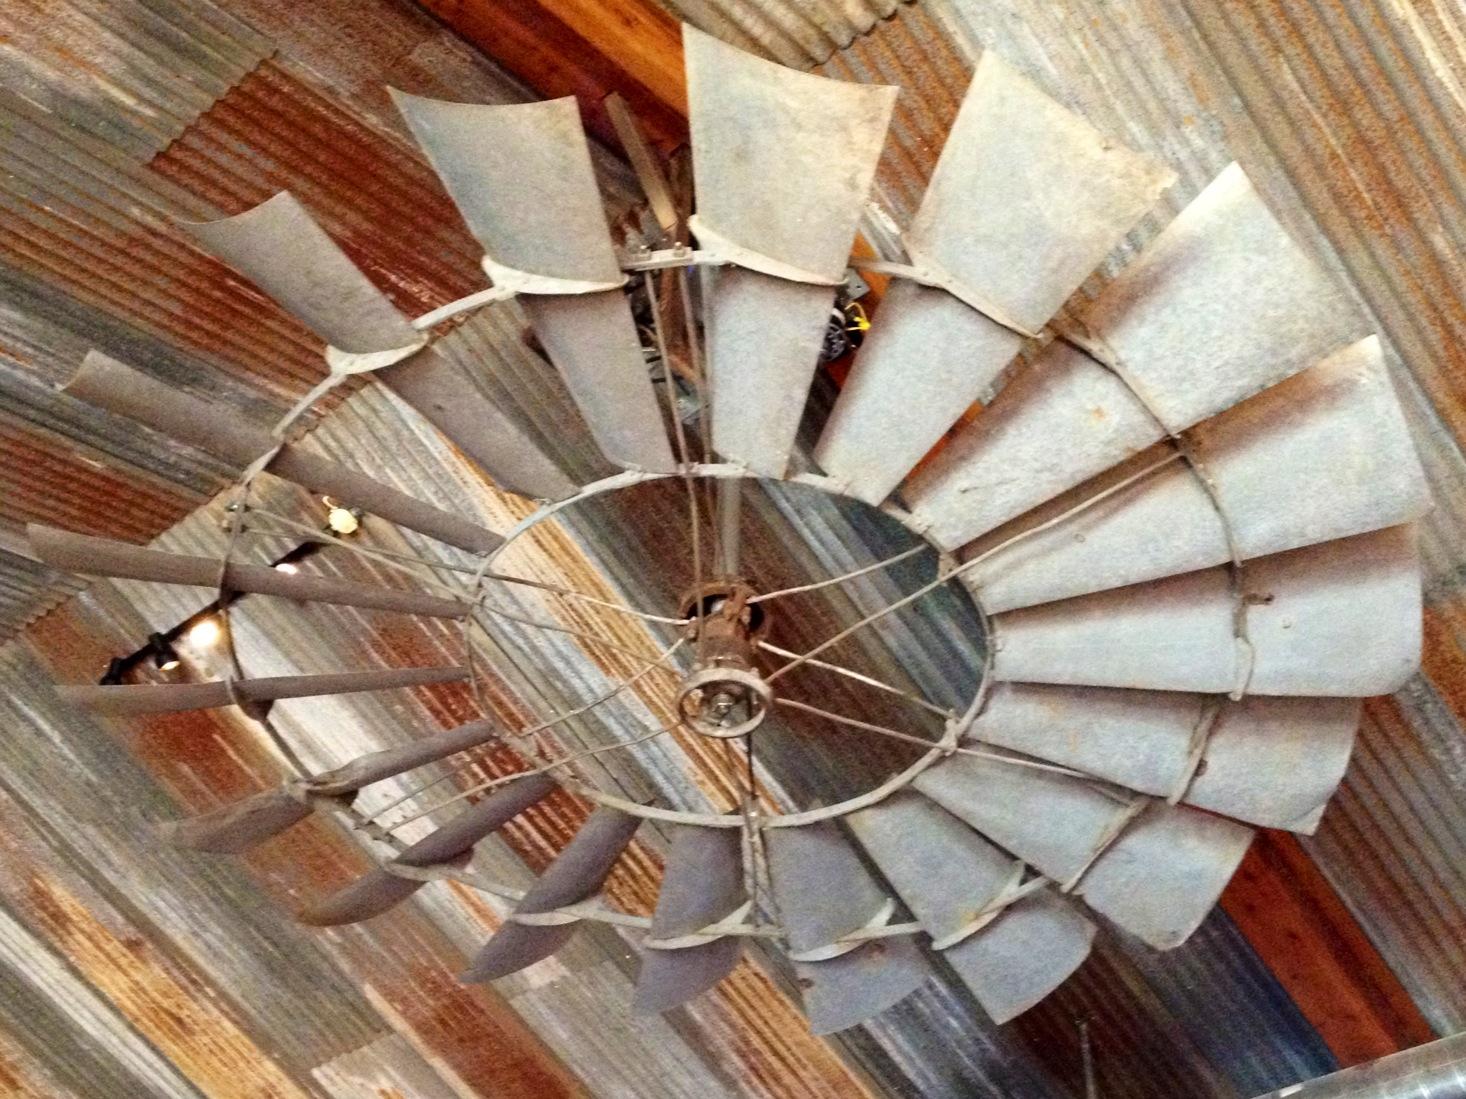 windmill ceiling fan photo - 8